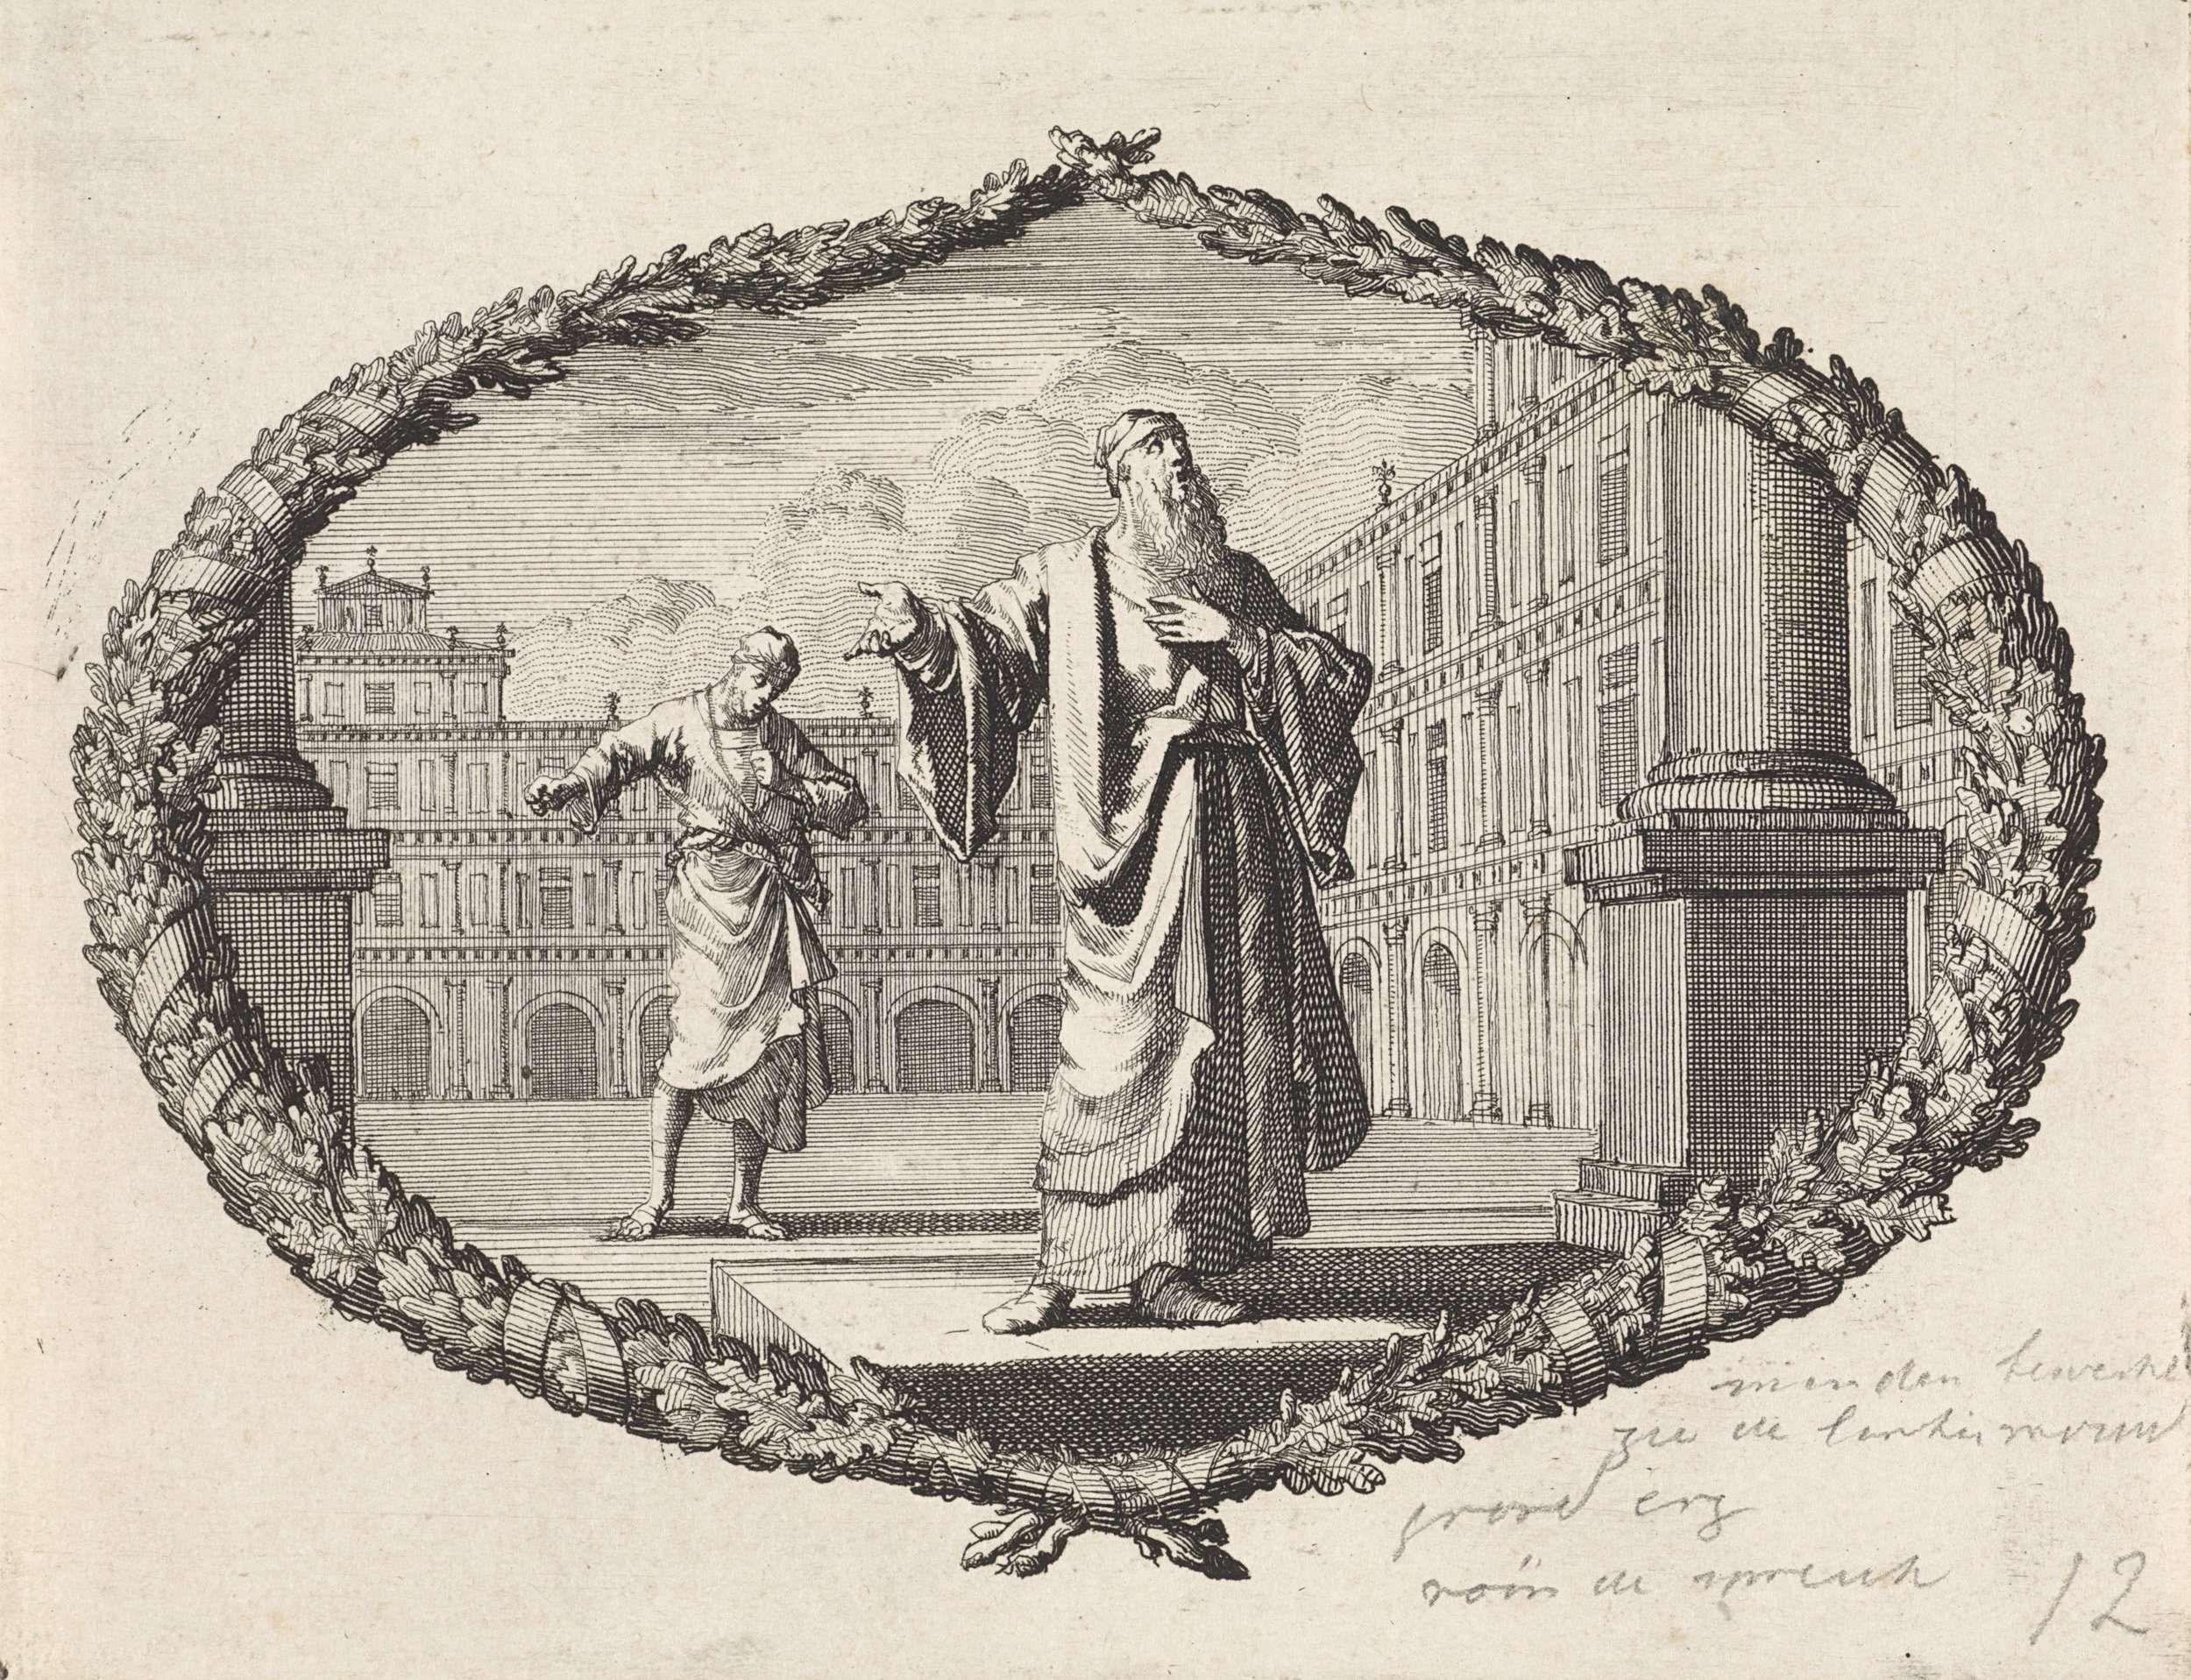 Jan Luyken   Gelijkenis van een farizeeër en een tollenaar, Jan Luyken, Pieter Mortier, 1700   Een voorstelling in een cartouche van palmtakken. Op de voorgrond een farizeeër bij een tempel. Hij bidt tot God zonder nederigheid. Op de achtergrond een tollenaar, die onderdanig zijn hoofd buigt tijdens het bidden.